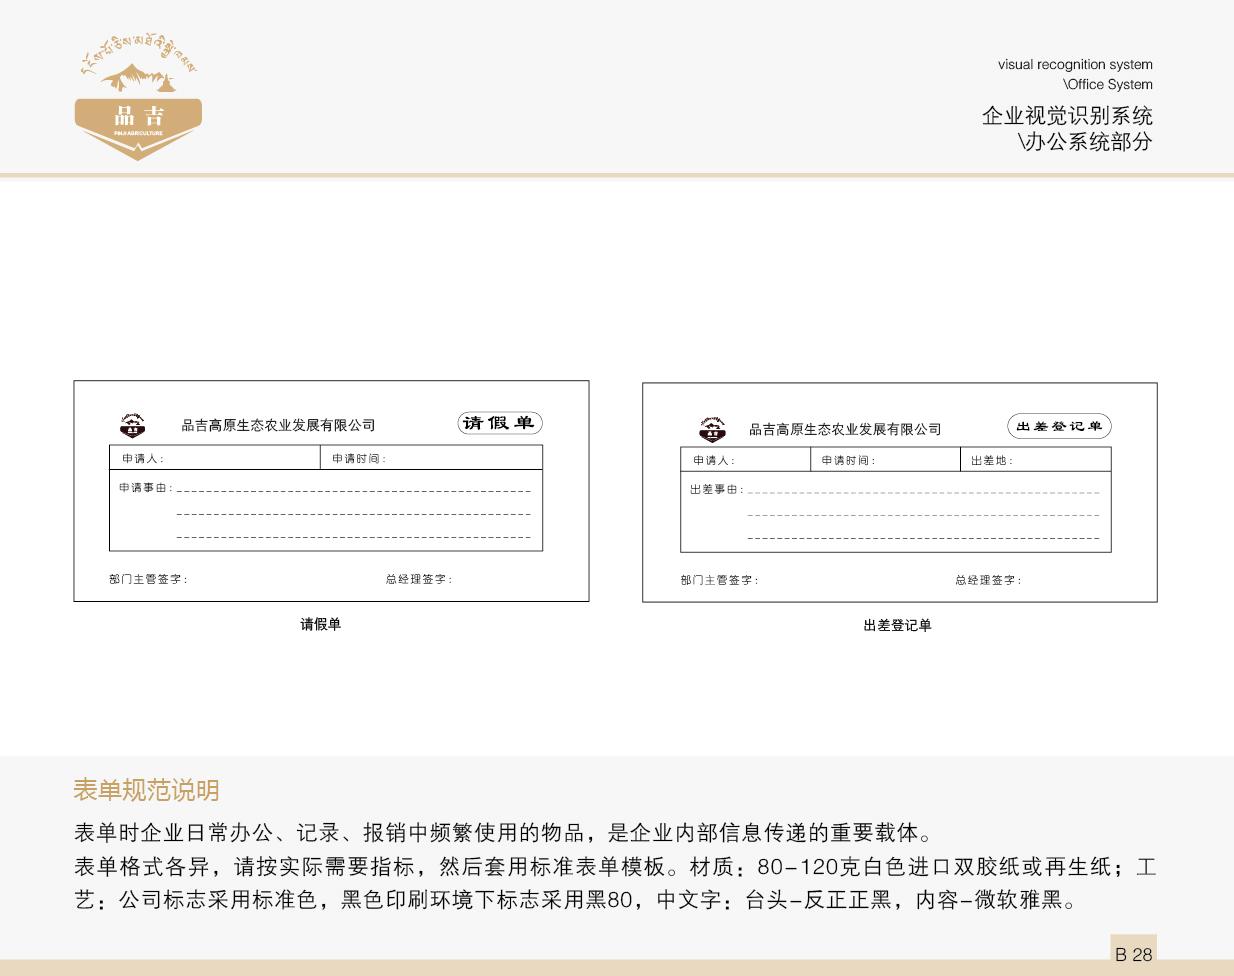 品吉农业VI 办公系统部分  客户资料  第29张